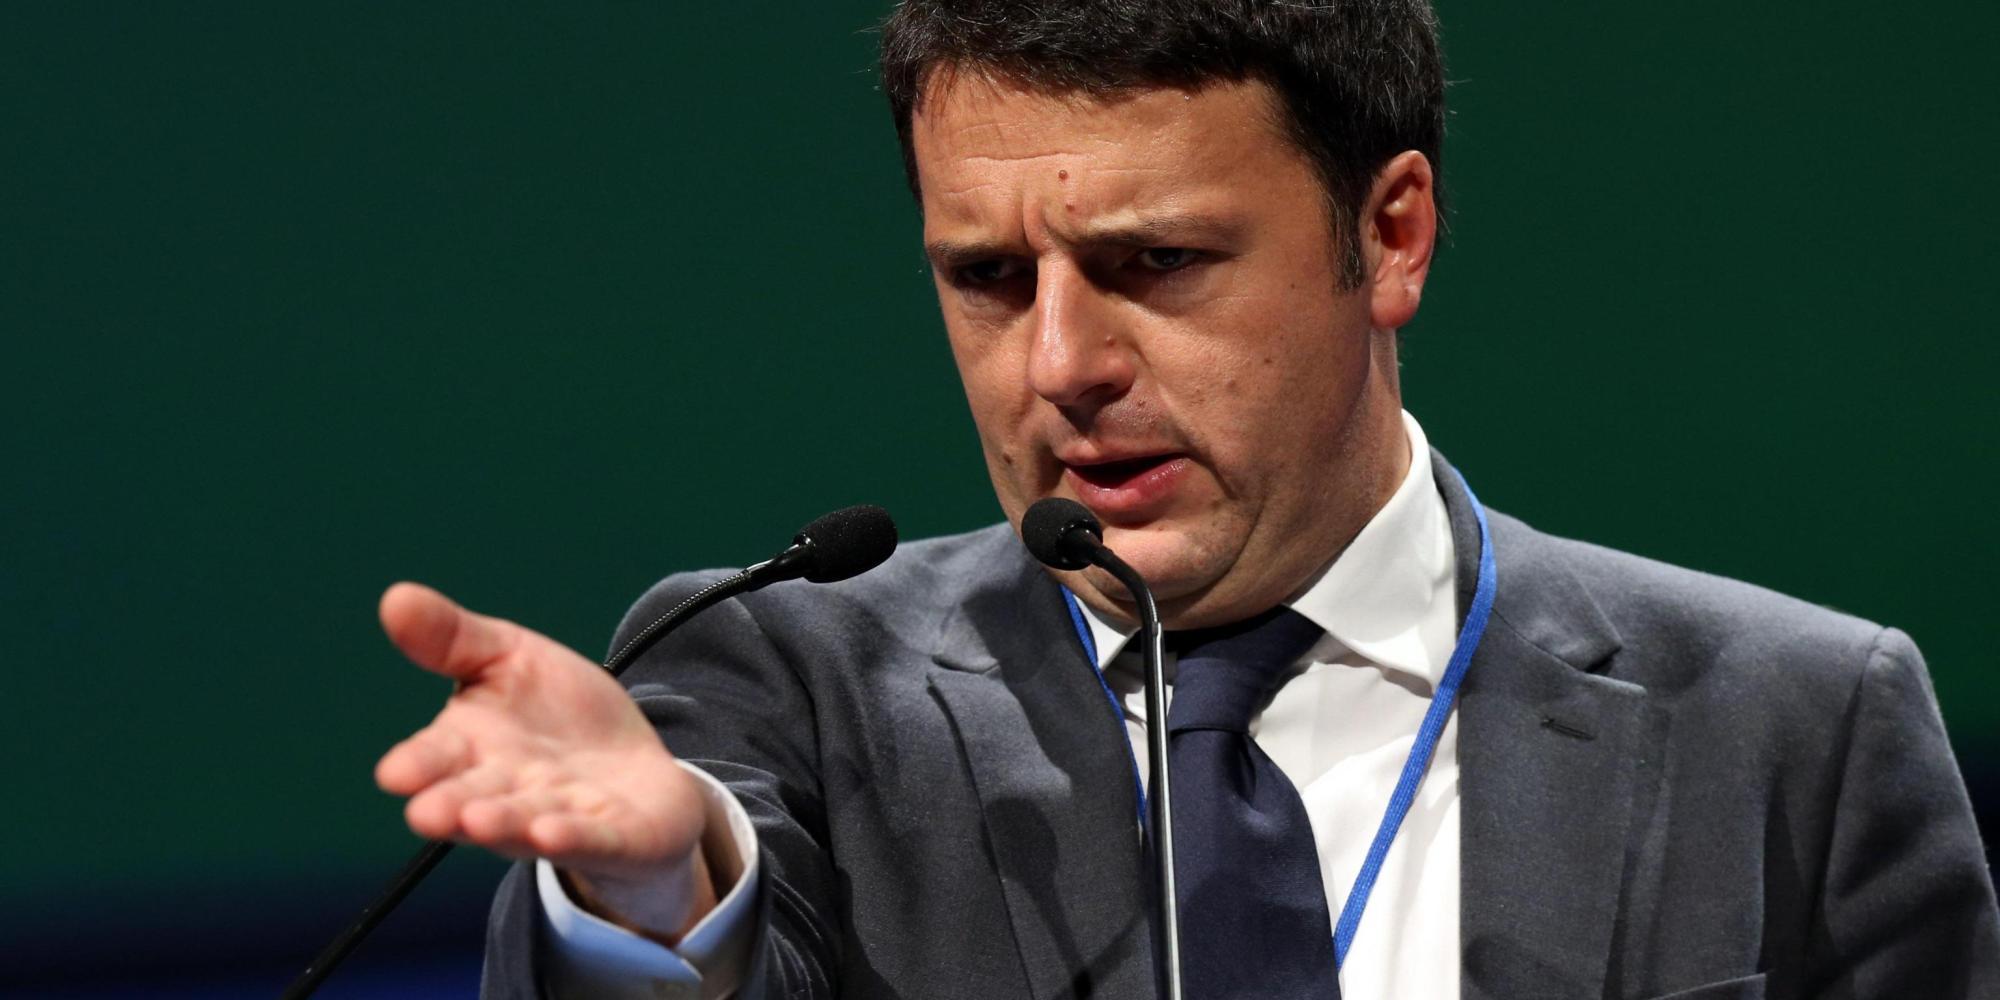 """Renzi ai giovani: """"Girano un sacco di bufale su Watsapp, c'e' chi lavora per aumentare la paura. Non fatevi fregare"""""""